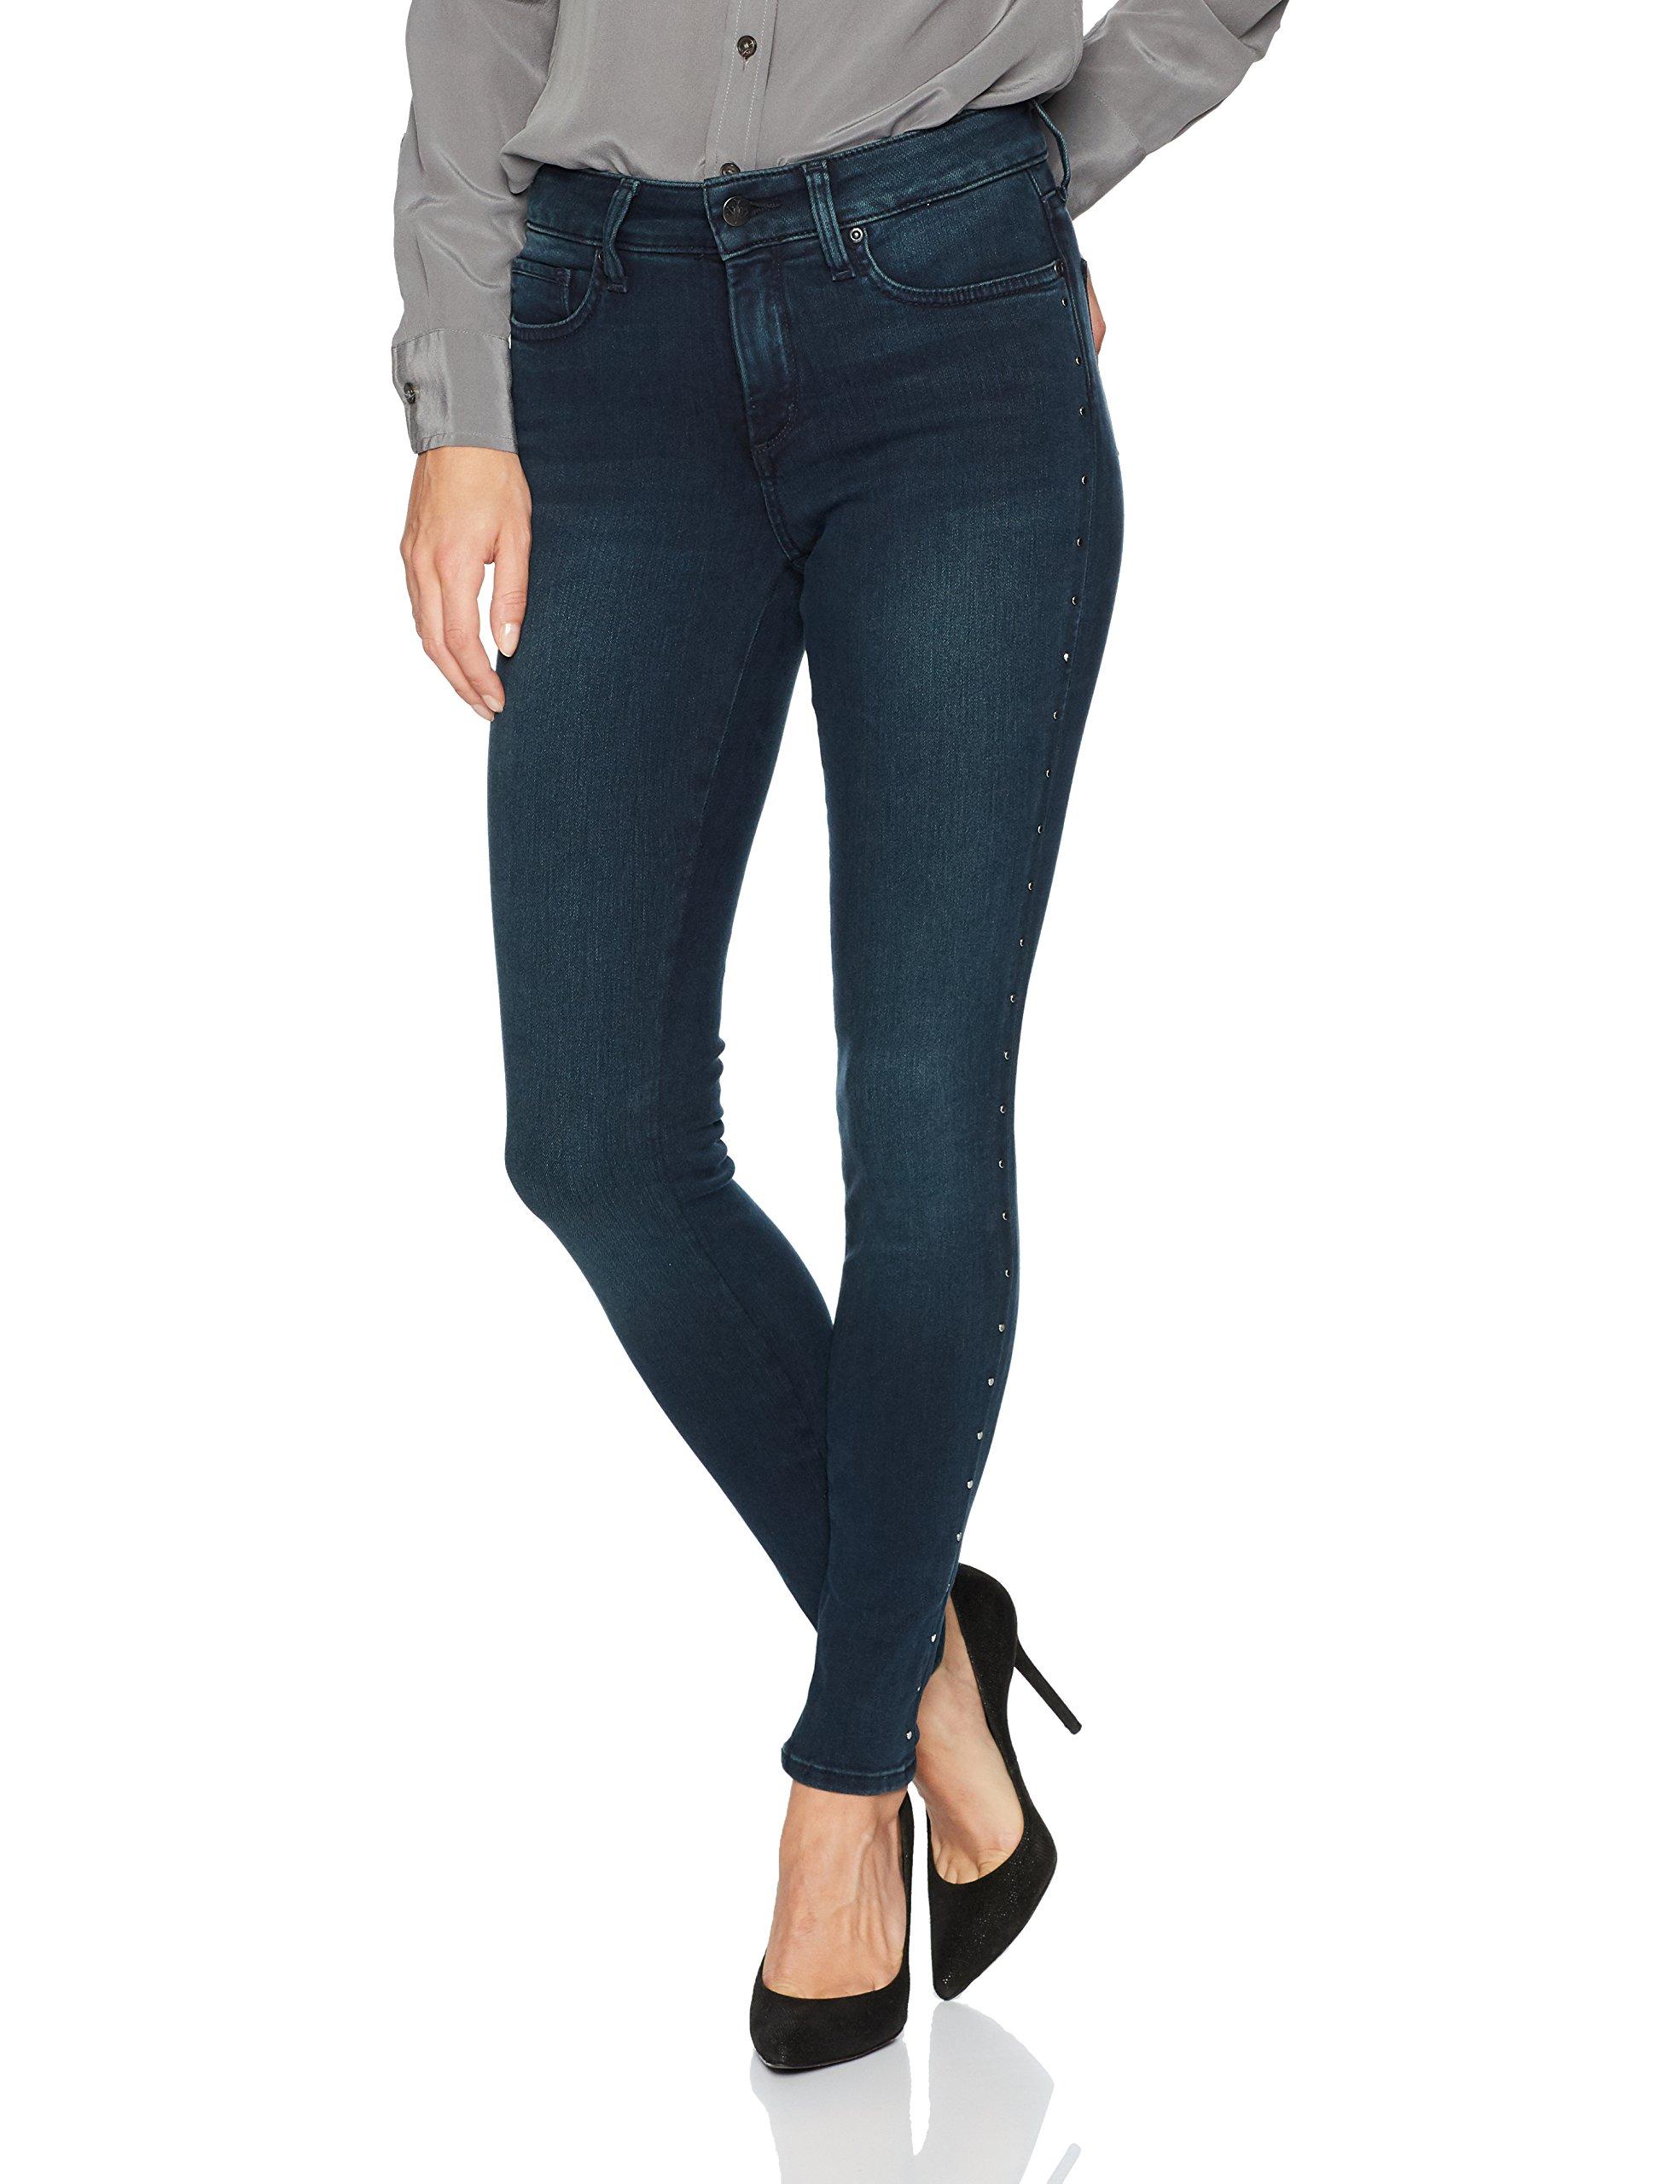 NYDJ Women's Ami Super Skinny Jeans In Future Fit Denim, Mason, 6